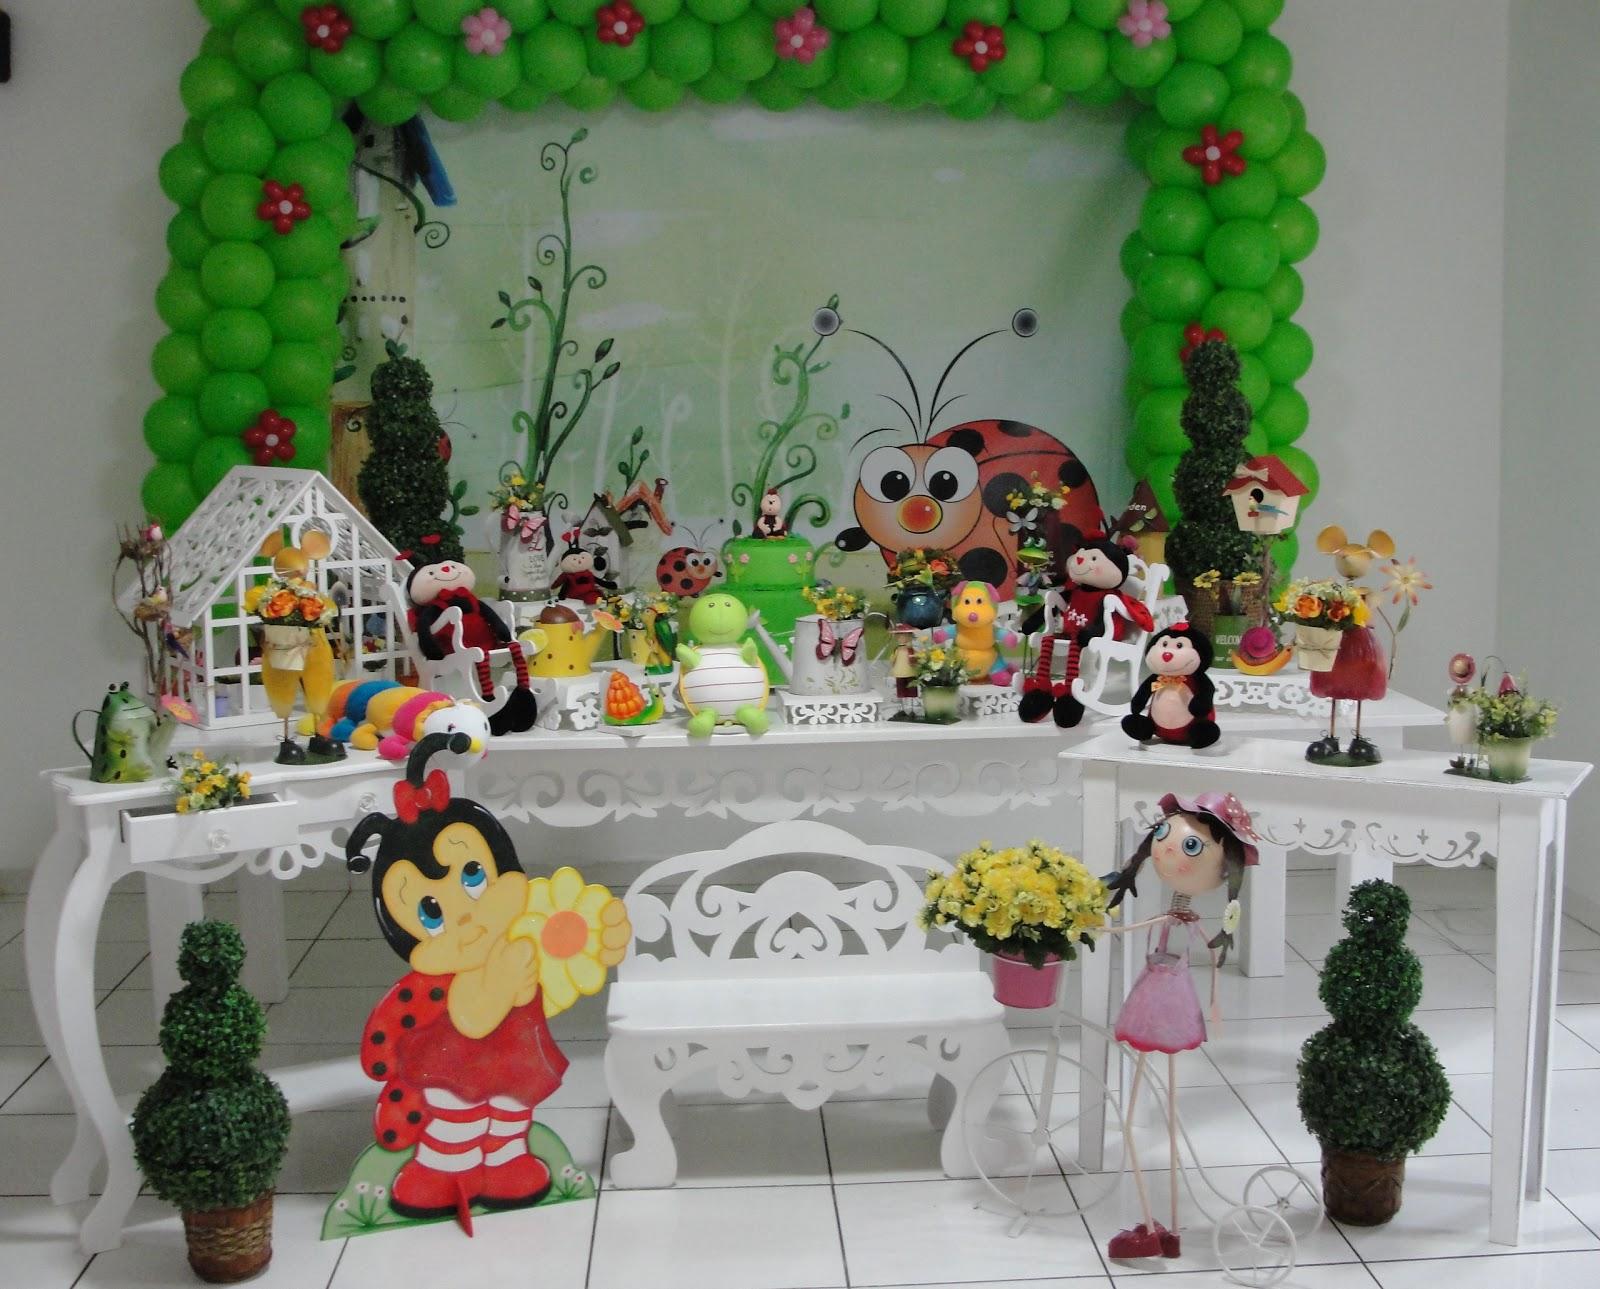 decoracao provencal tema jardim encantado : decoracao provencal tema jardim encantado:NELSON DECORAÇÕES INFANTIS: JARDIM ENCANTADO